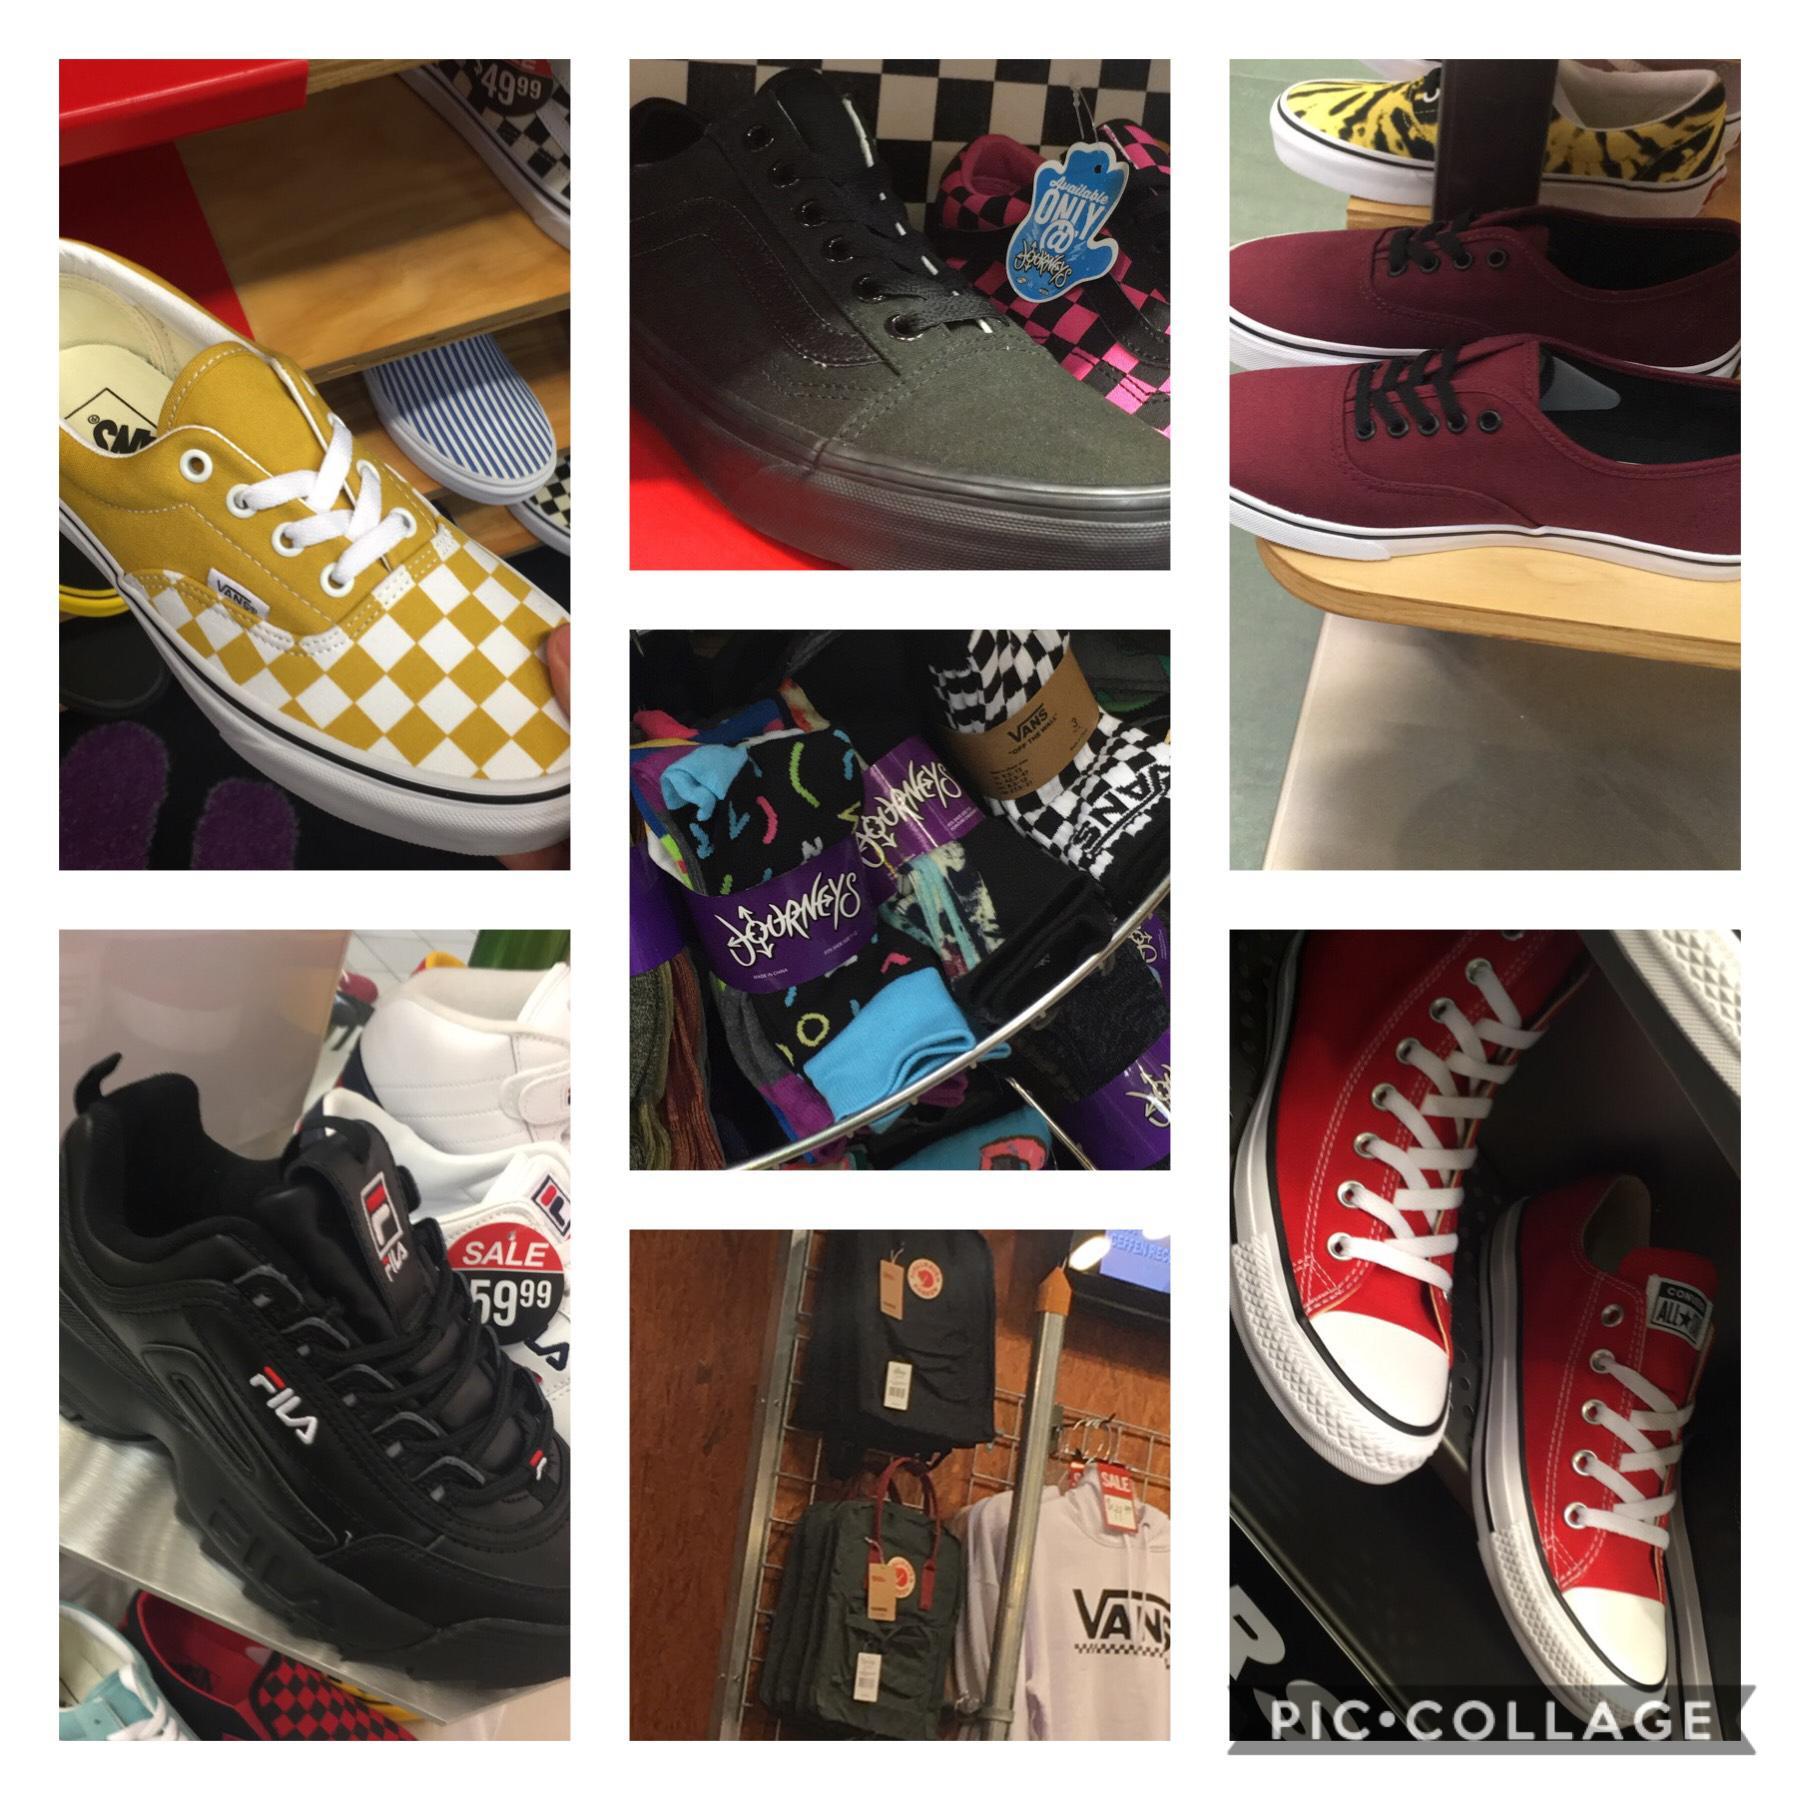 what shoes should i get? pls comment